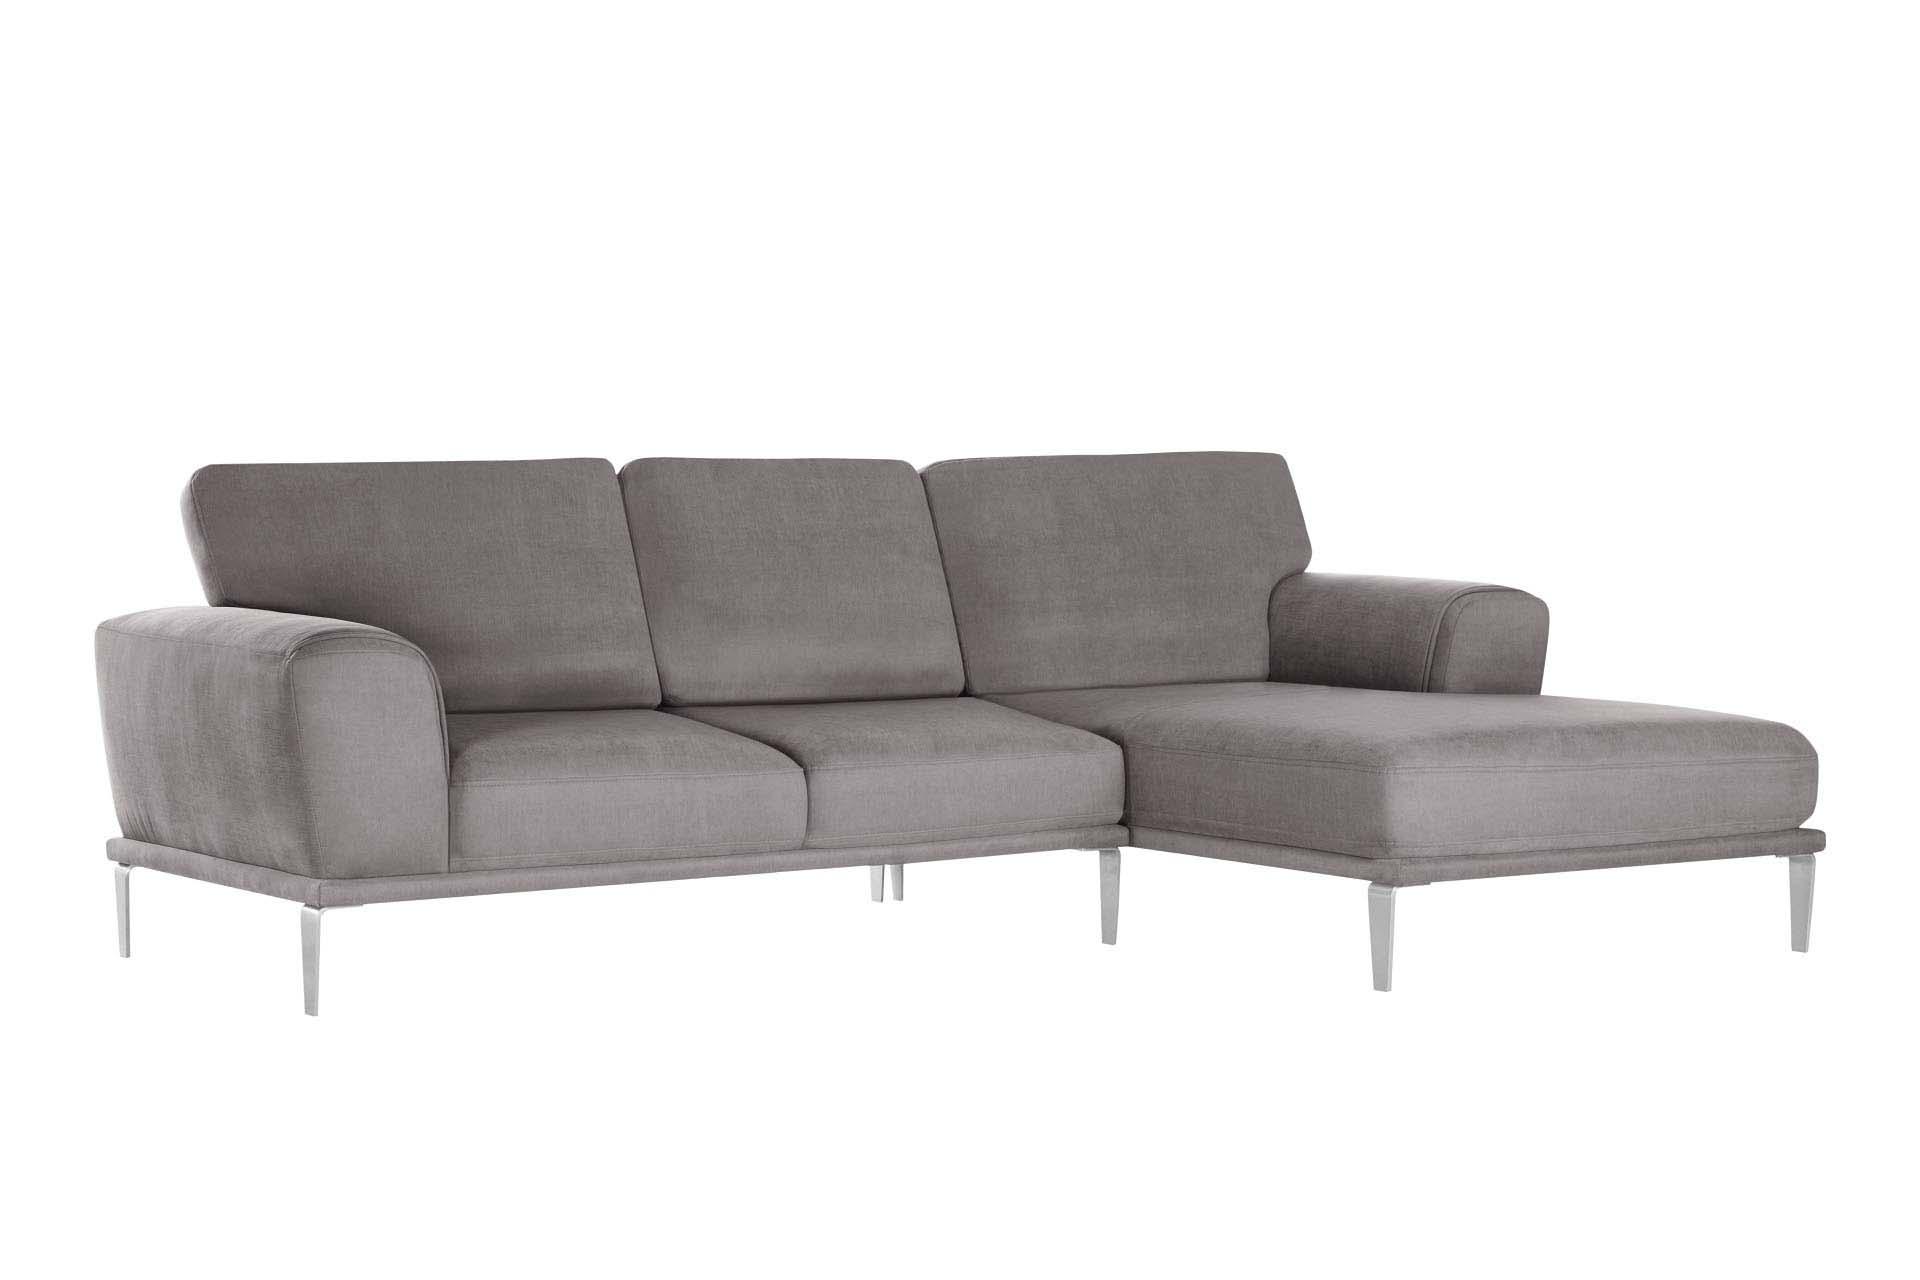 Canapé d'angle droit 5 places toucher coton marron cendré